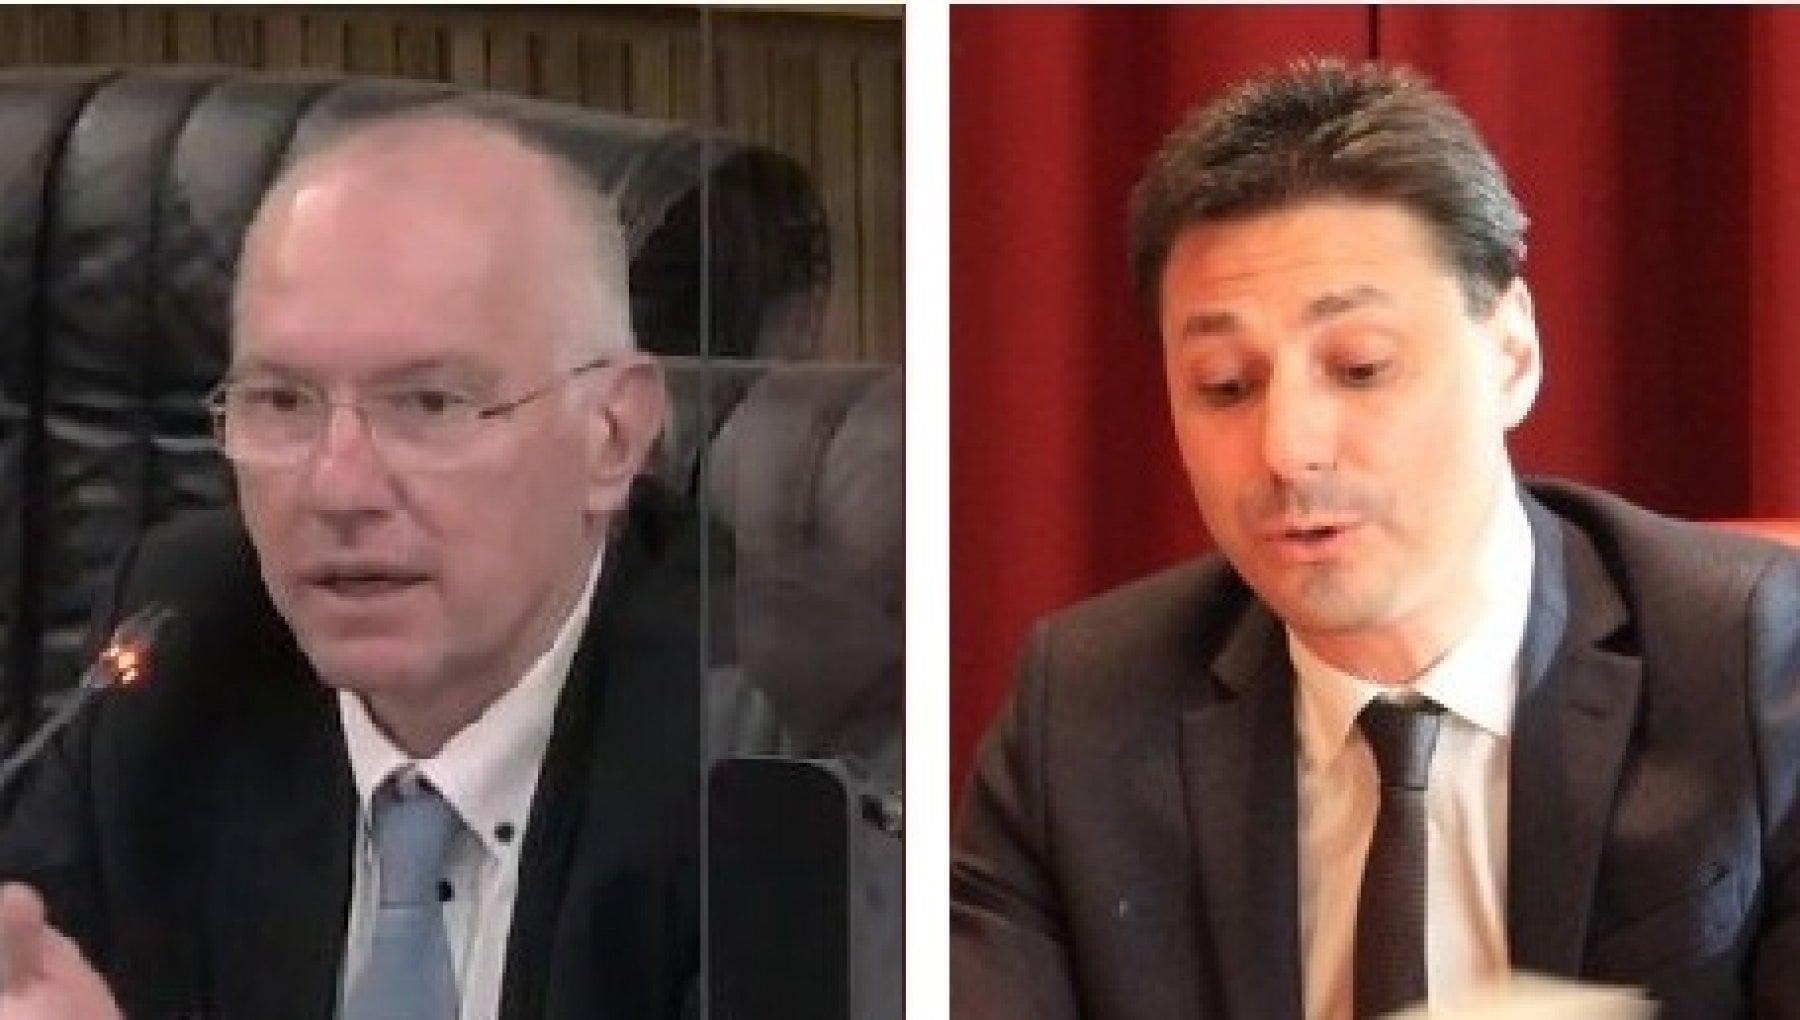 Ndrangheta due ex presidenti della Val dAosta indagati per concorso esterno in associazione mafiosa